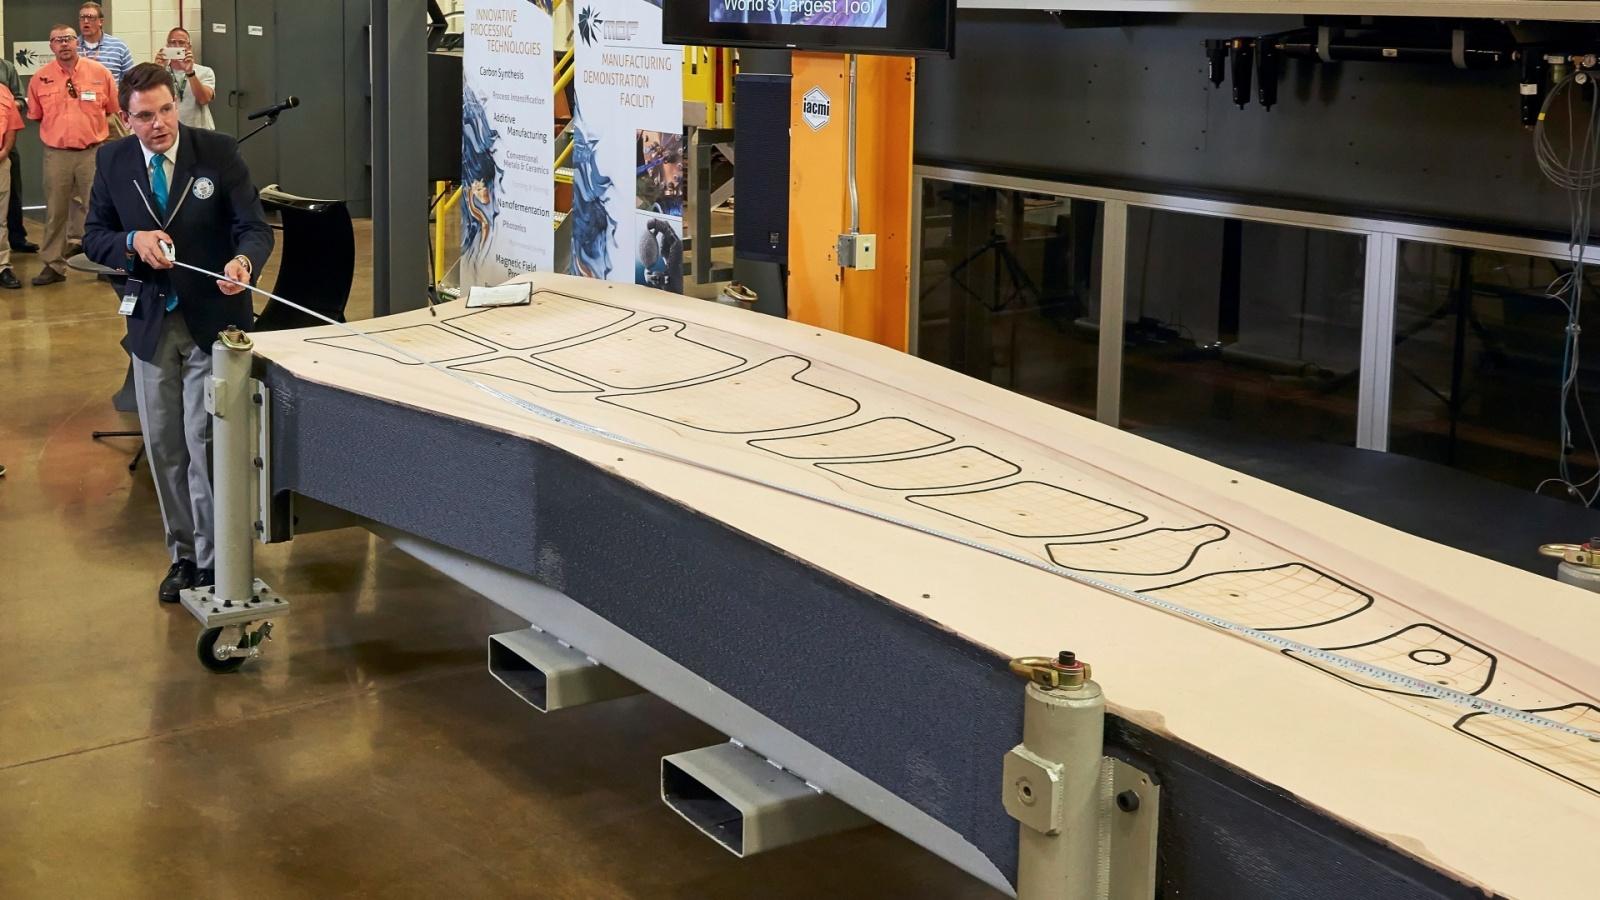 Новый рекорд 3D-печати: самый большой твёрдый предмет - 1